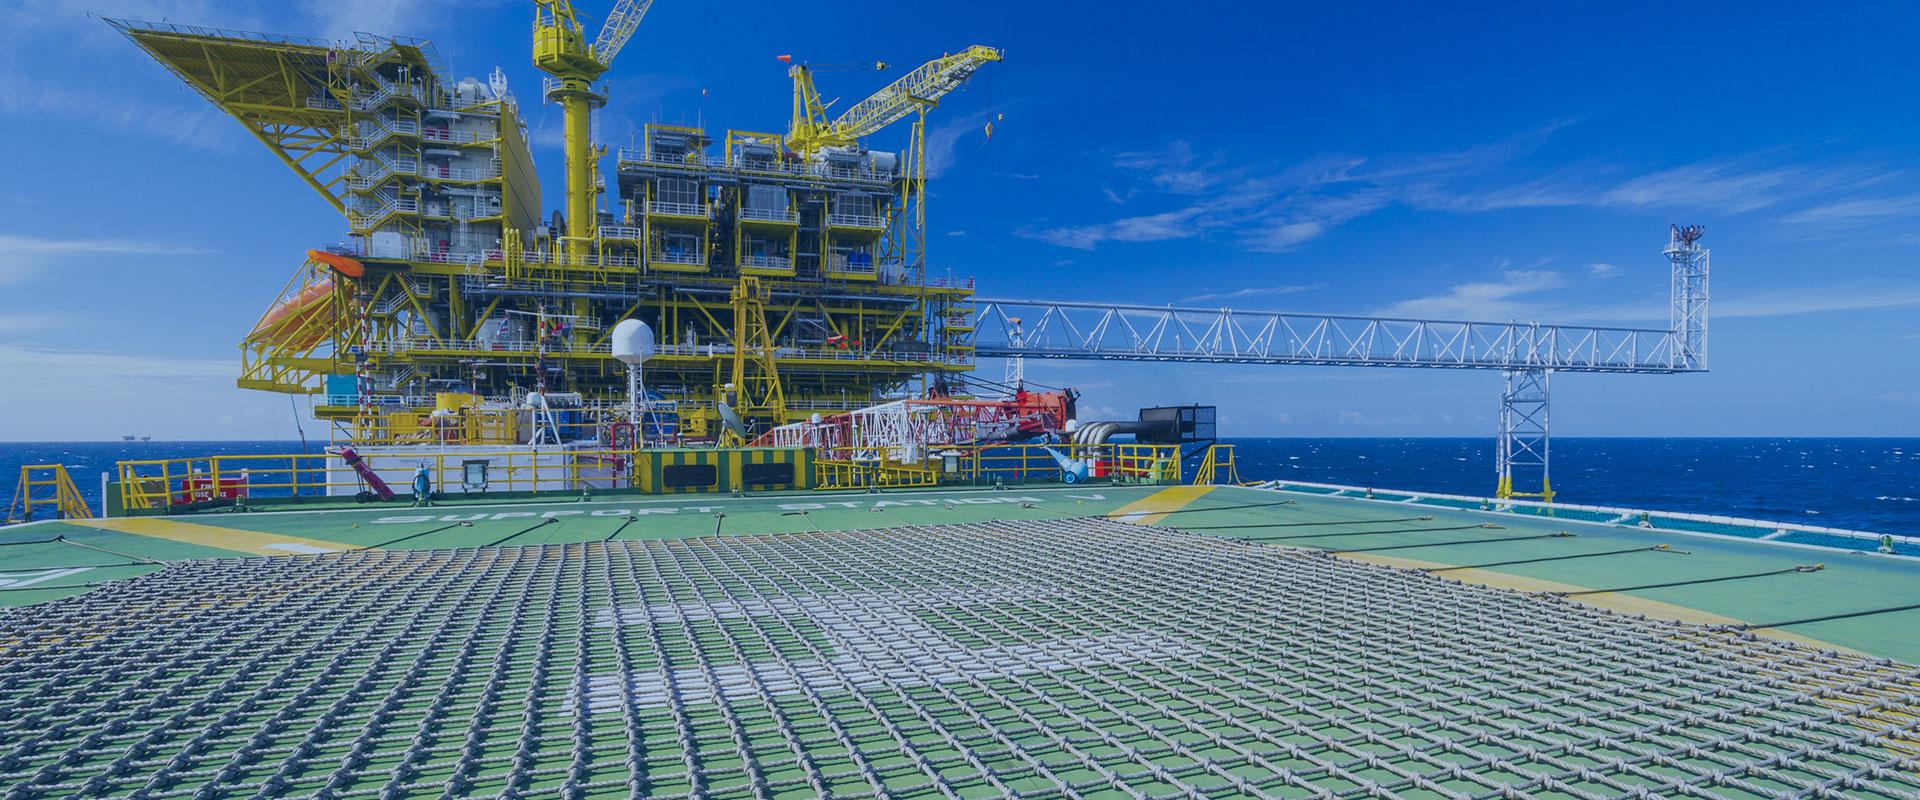 Capa banner-01.jpg - Seguro de Riscos de Petróleo